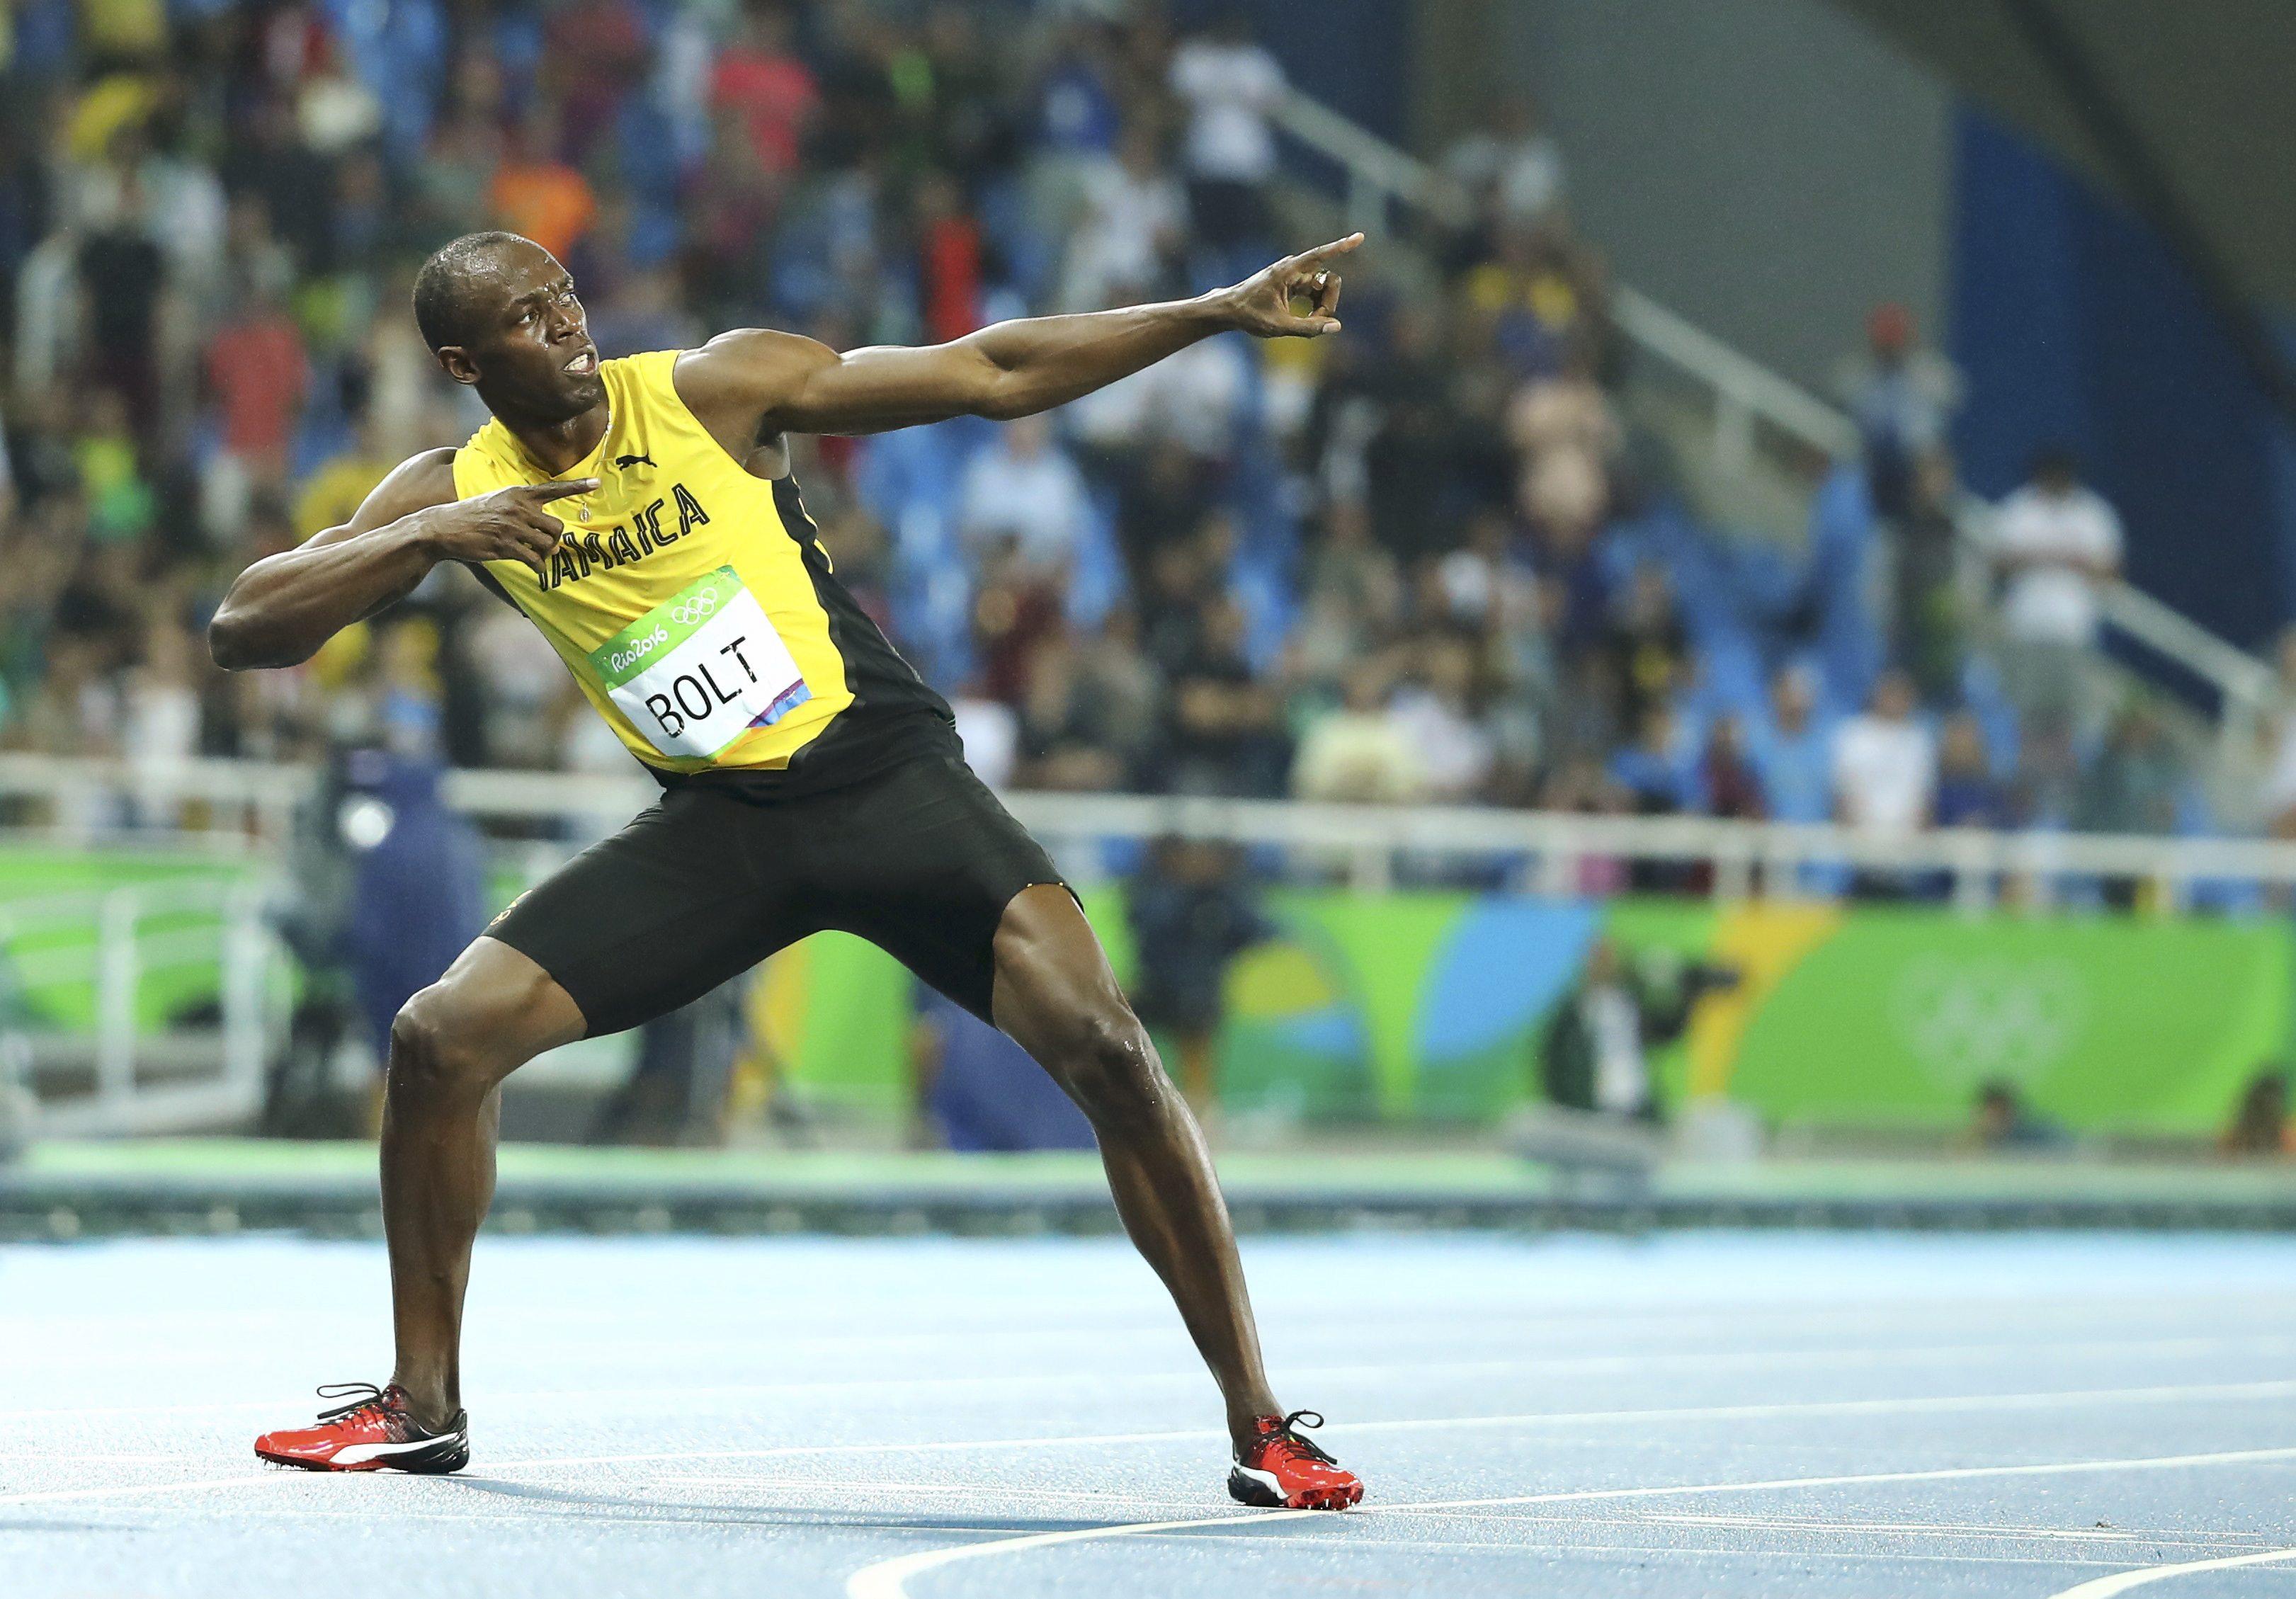 Selebrasi kemenangan Usain Bolt setelah meraih medali emas di Olimpiade Rio 2016.